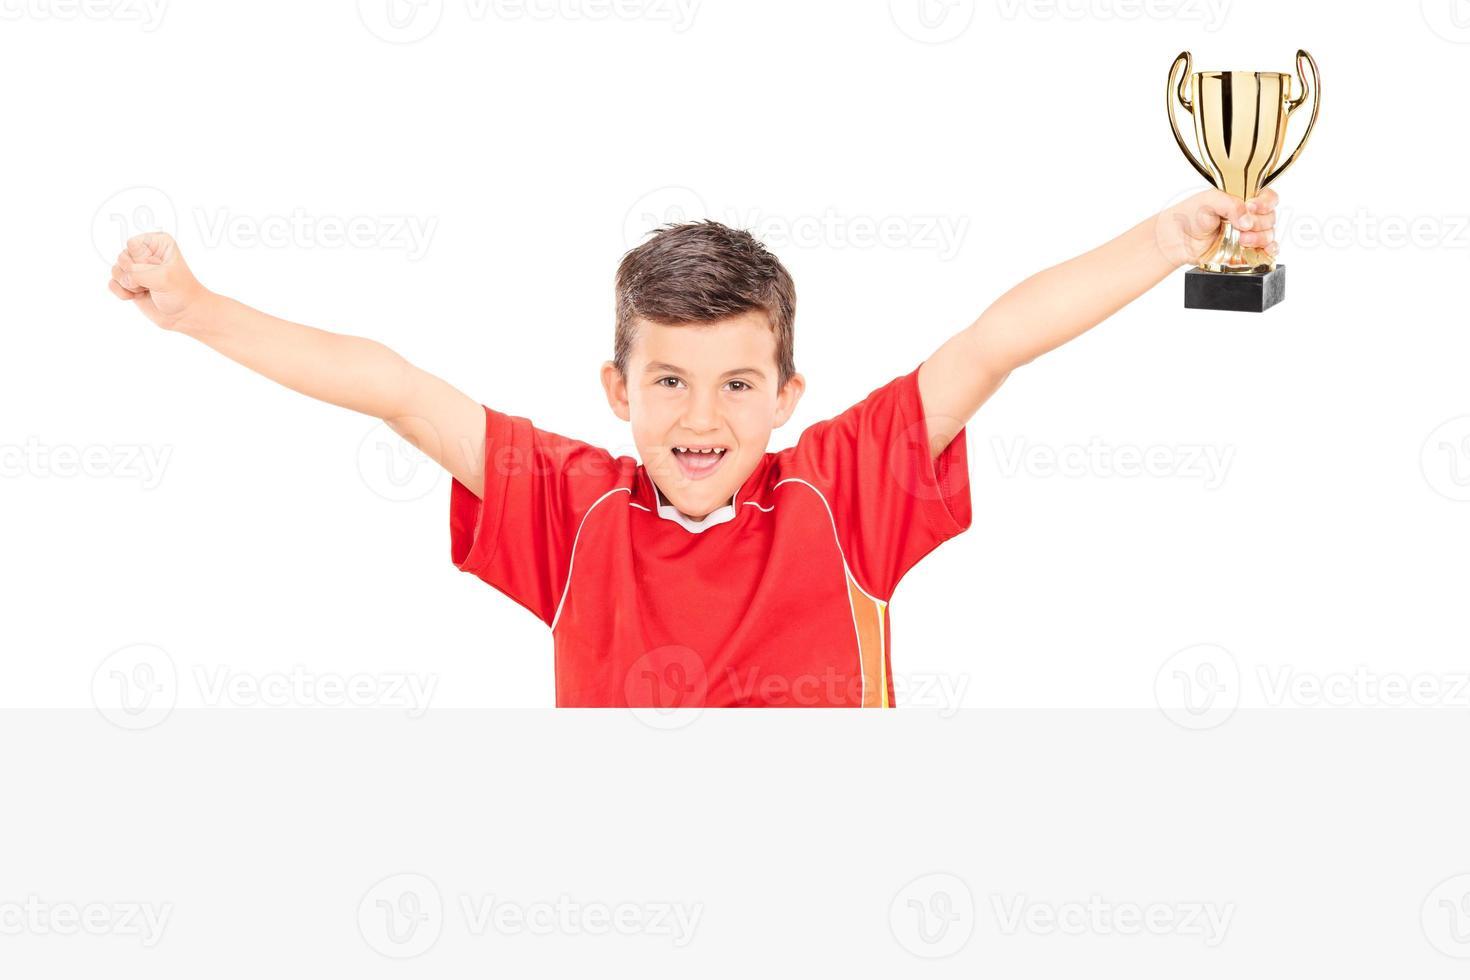 fröhlicher Junior, der eine Trophäe hinter einer Tafel hält foto